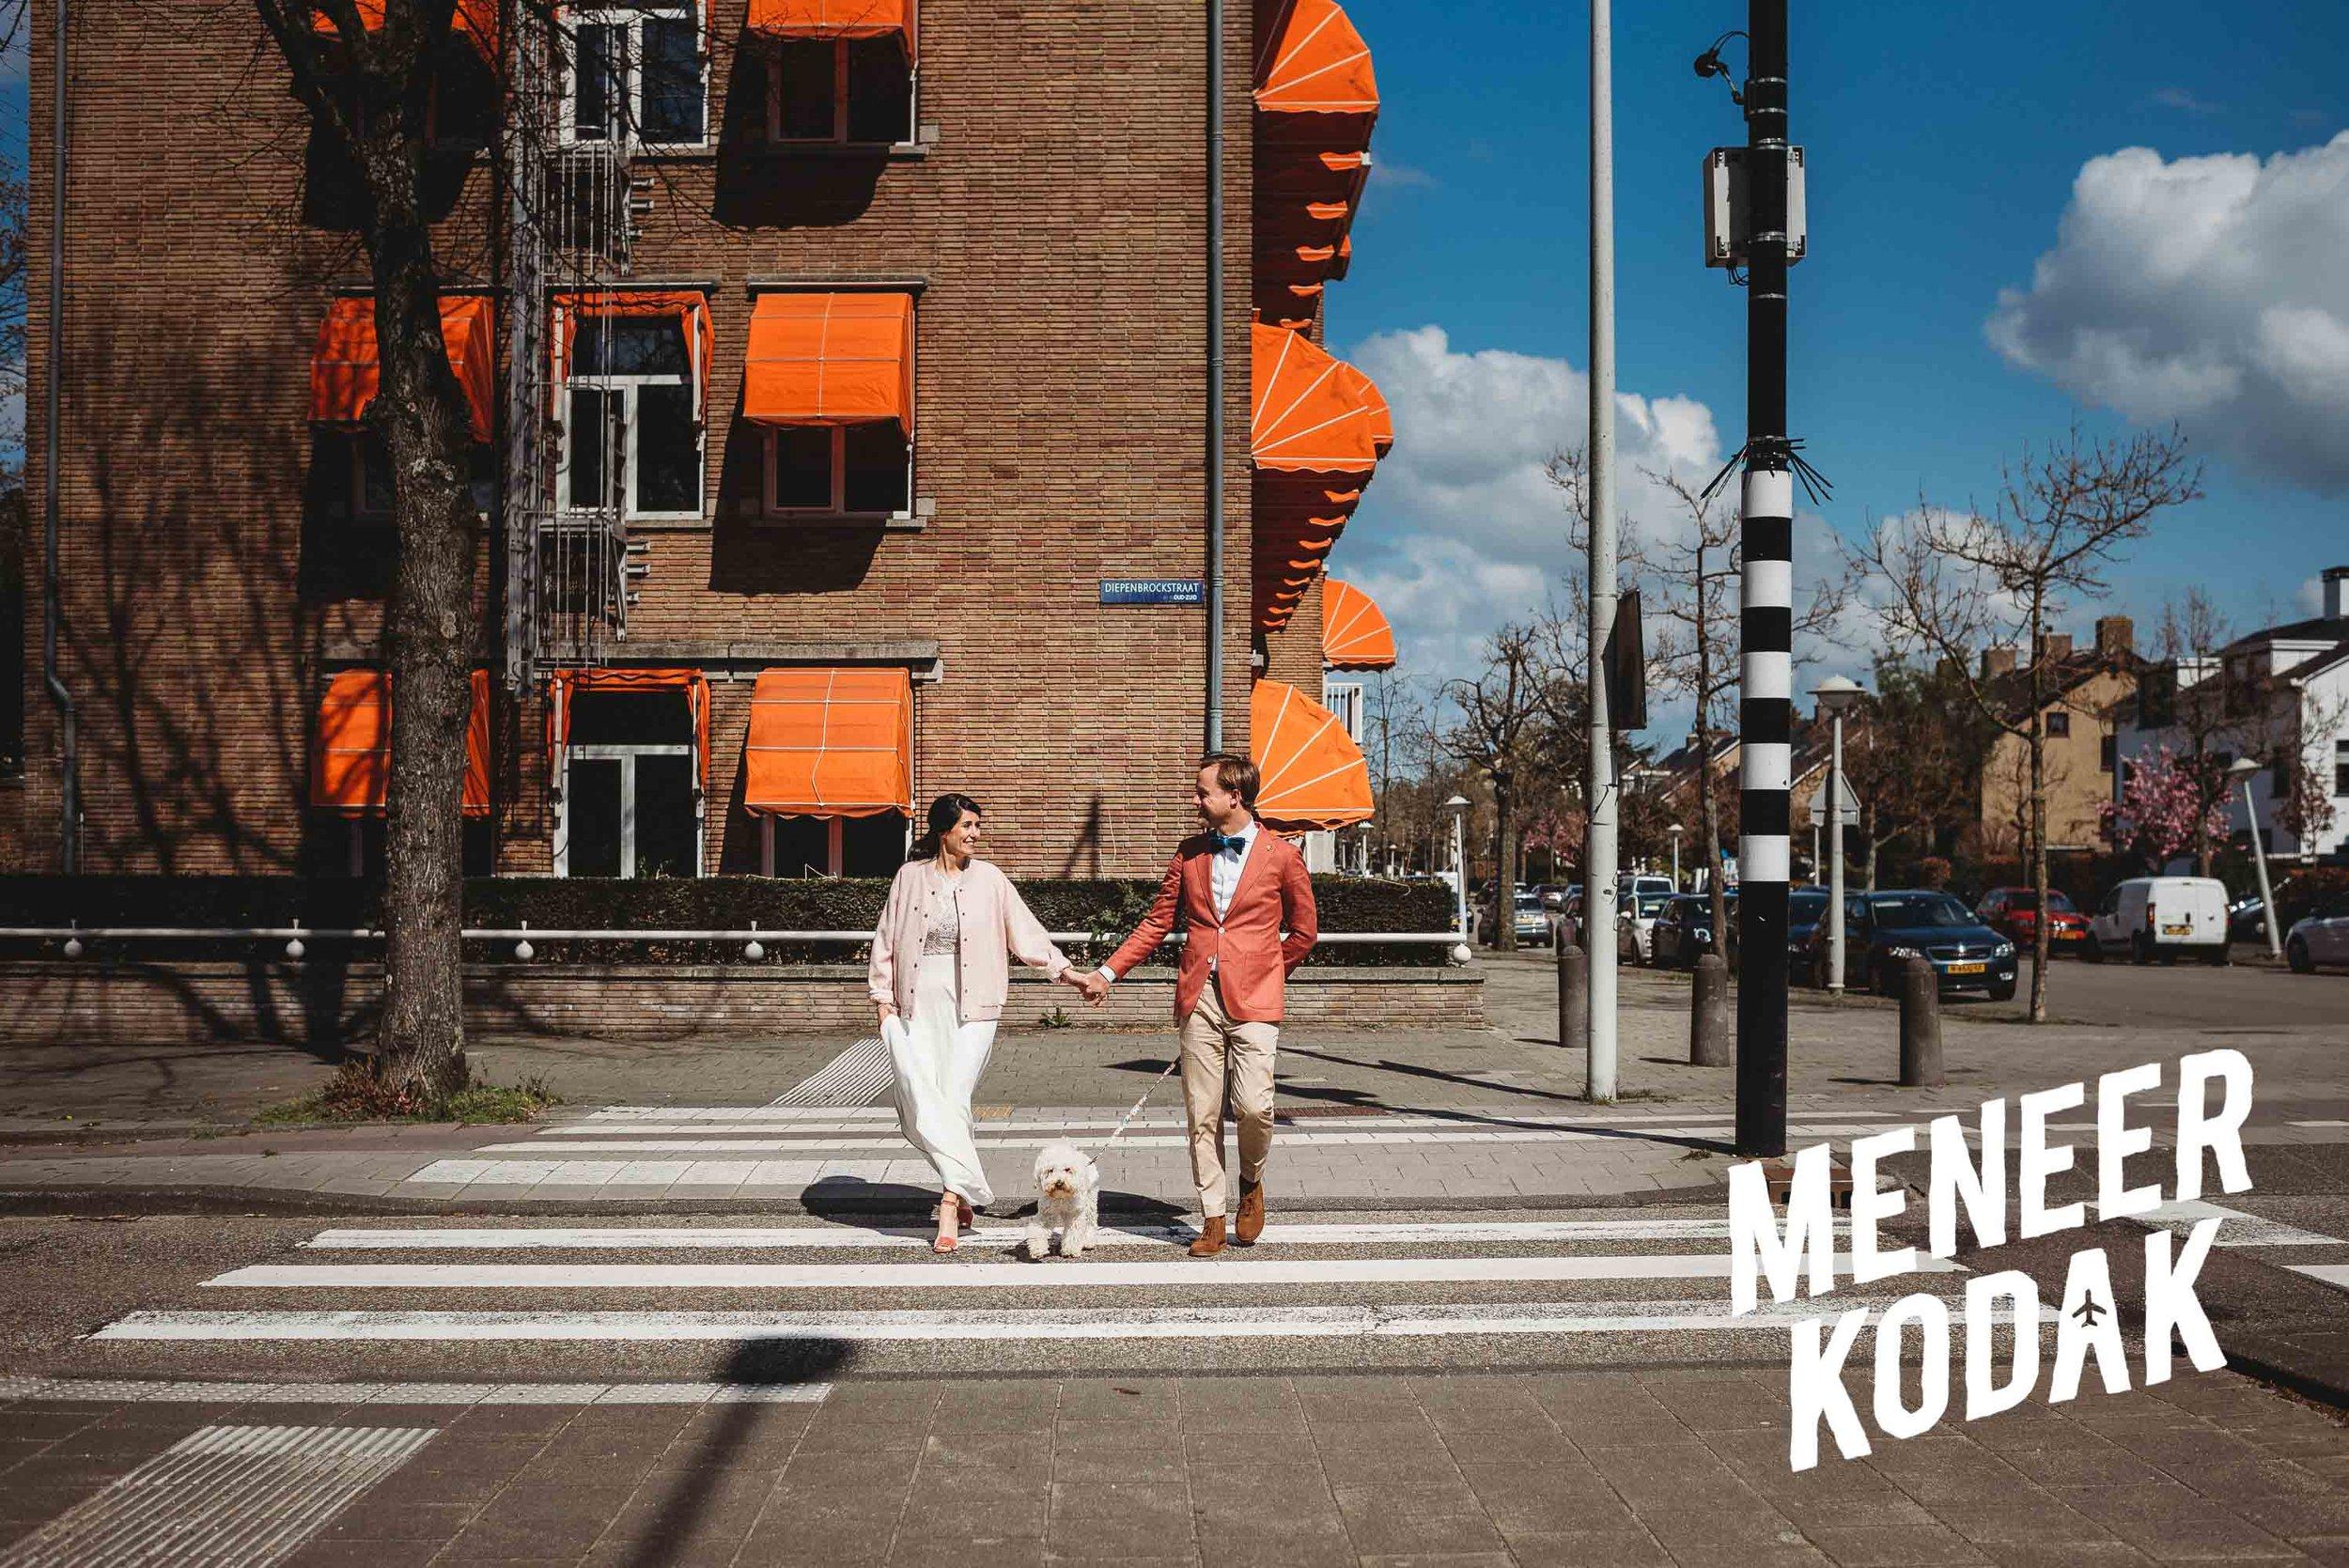 Meneer Kodak - Bruidsfotograaf - Amsterdam - M&J-023.jpg